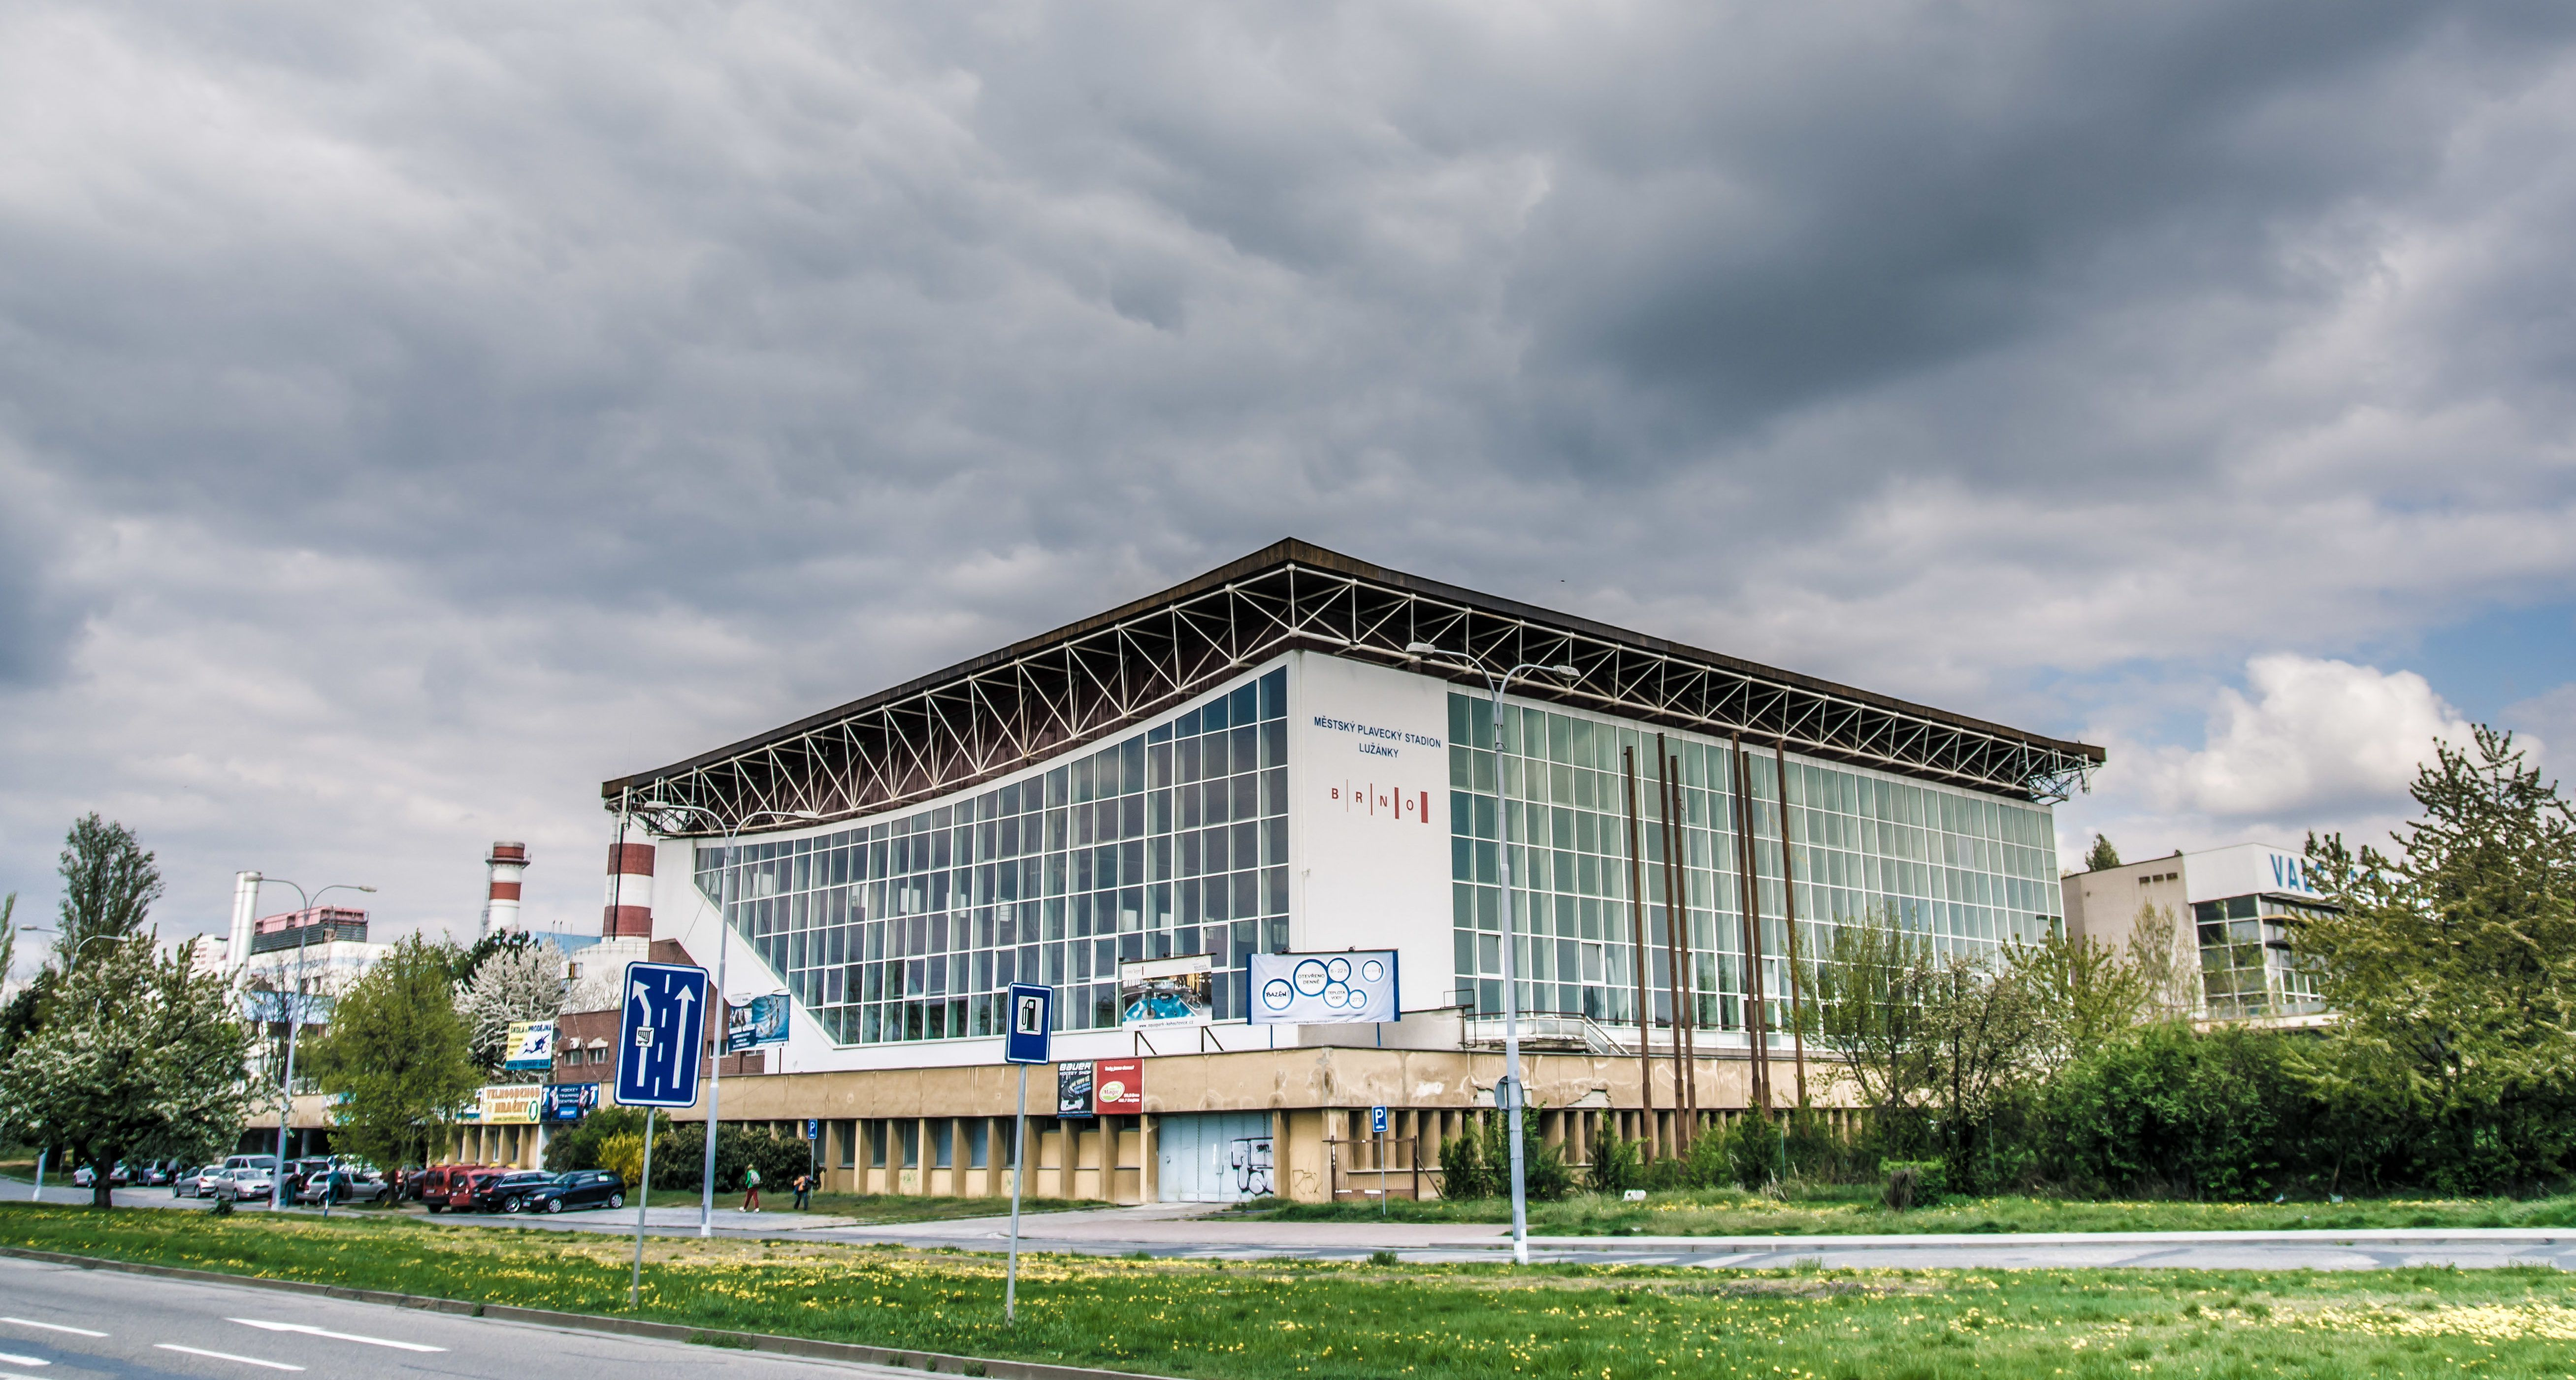 Městský plavecký stadion Lužánky v Brně